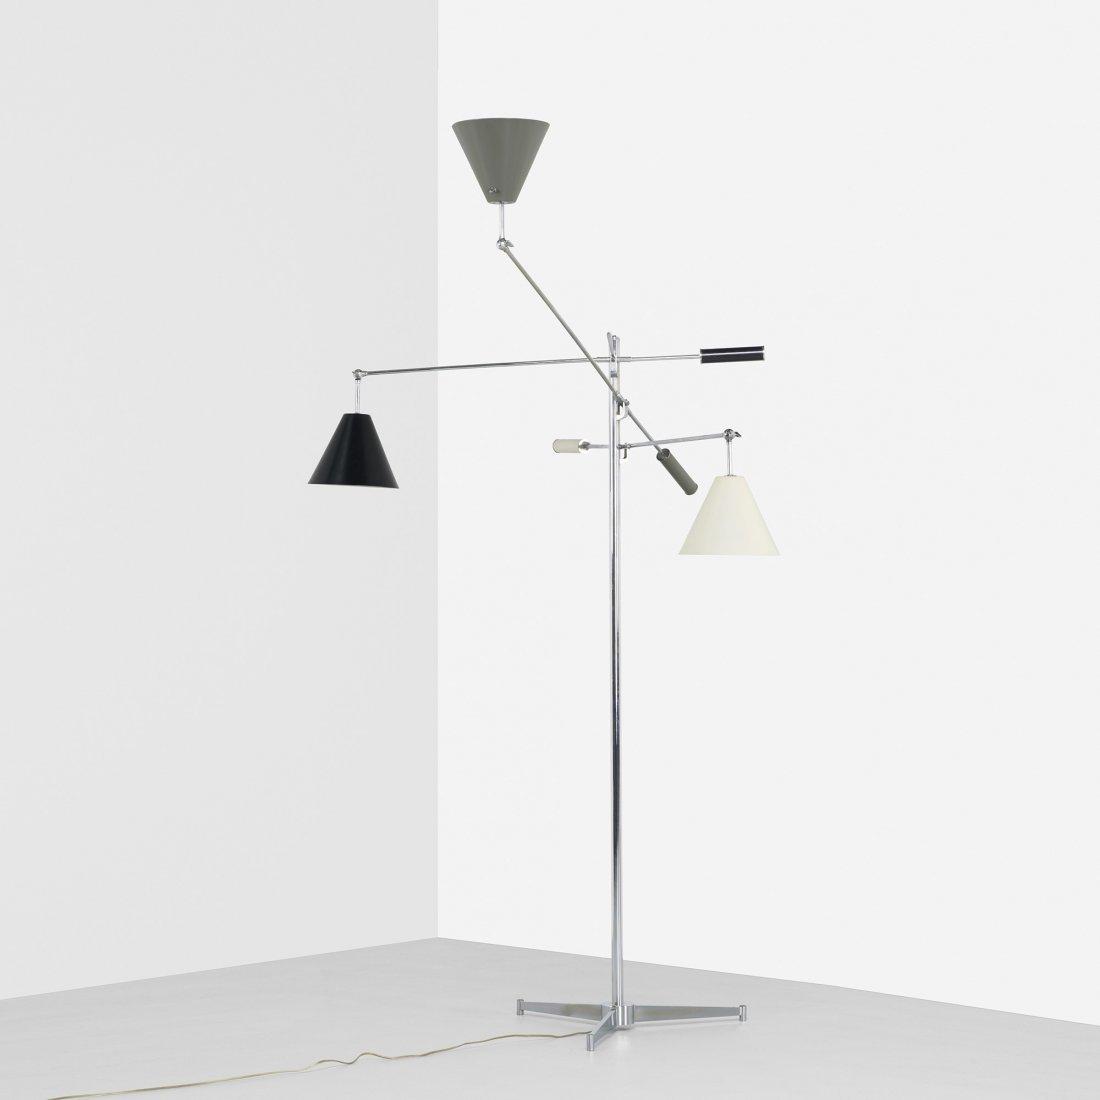 104: Arredoluce Three arm floor lamp